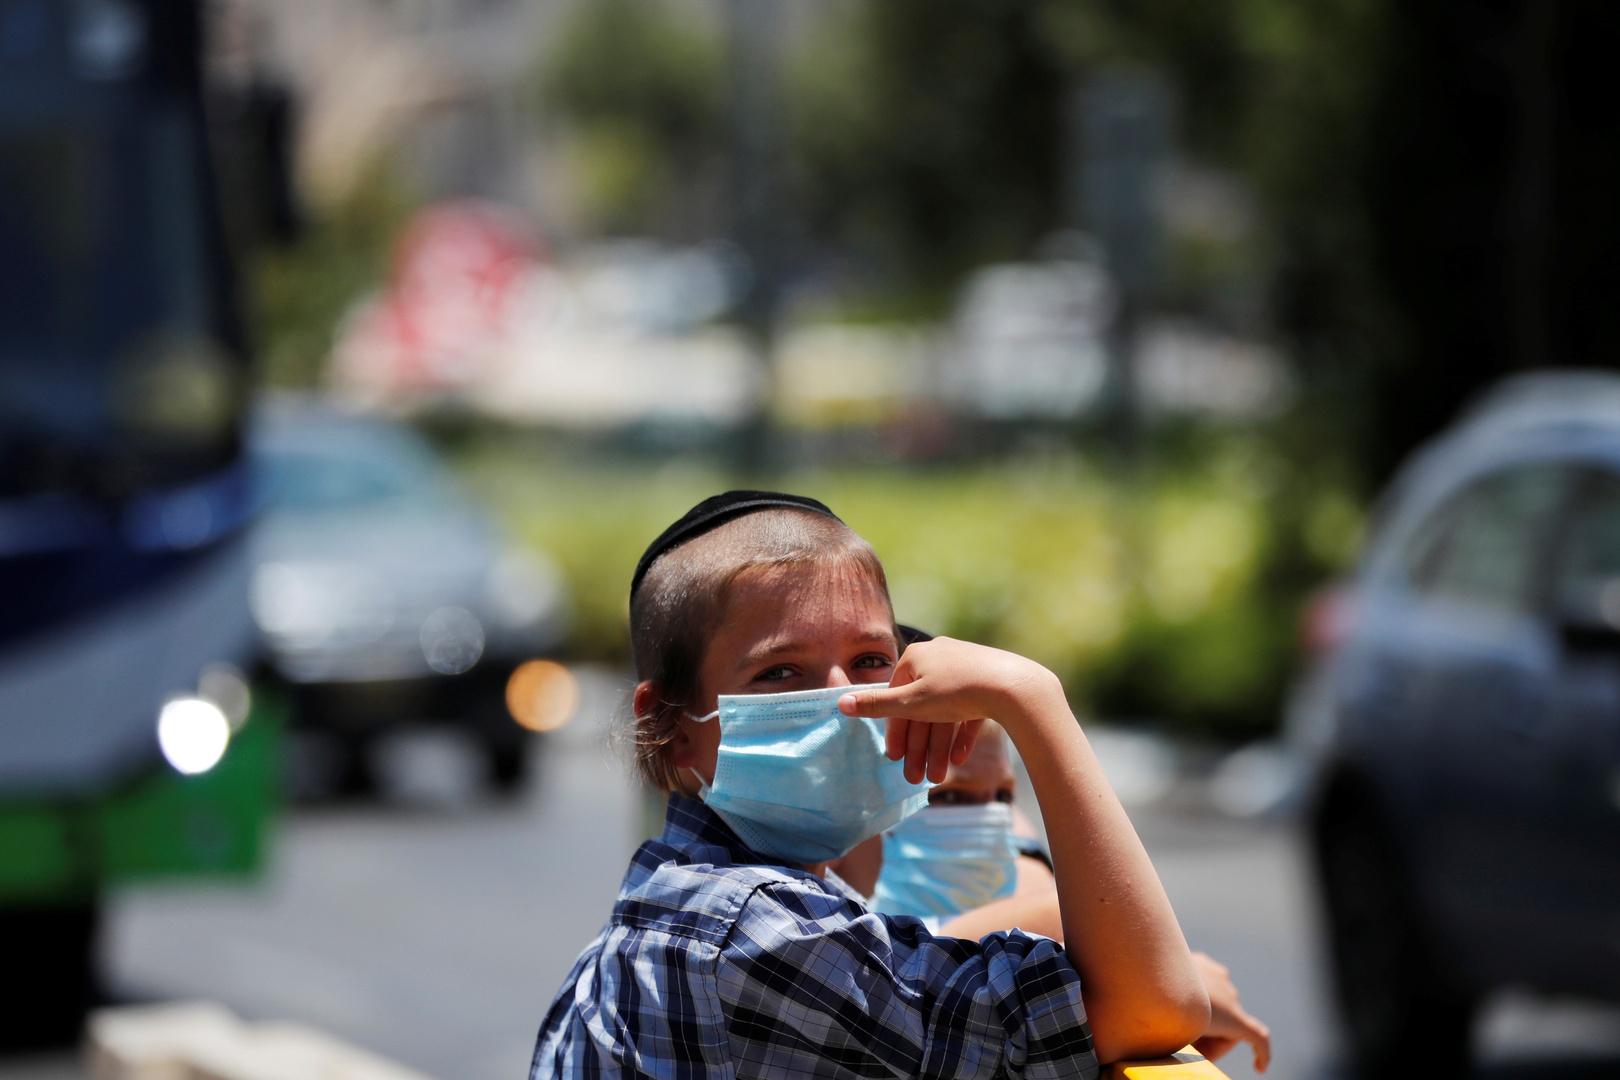 إسرائيل تسجل 1.2 ألف إصابة بكورونا خلال يوم وثالث وزير في حكومة نتنياهو يدخل الحجر الصحي